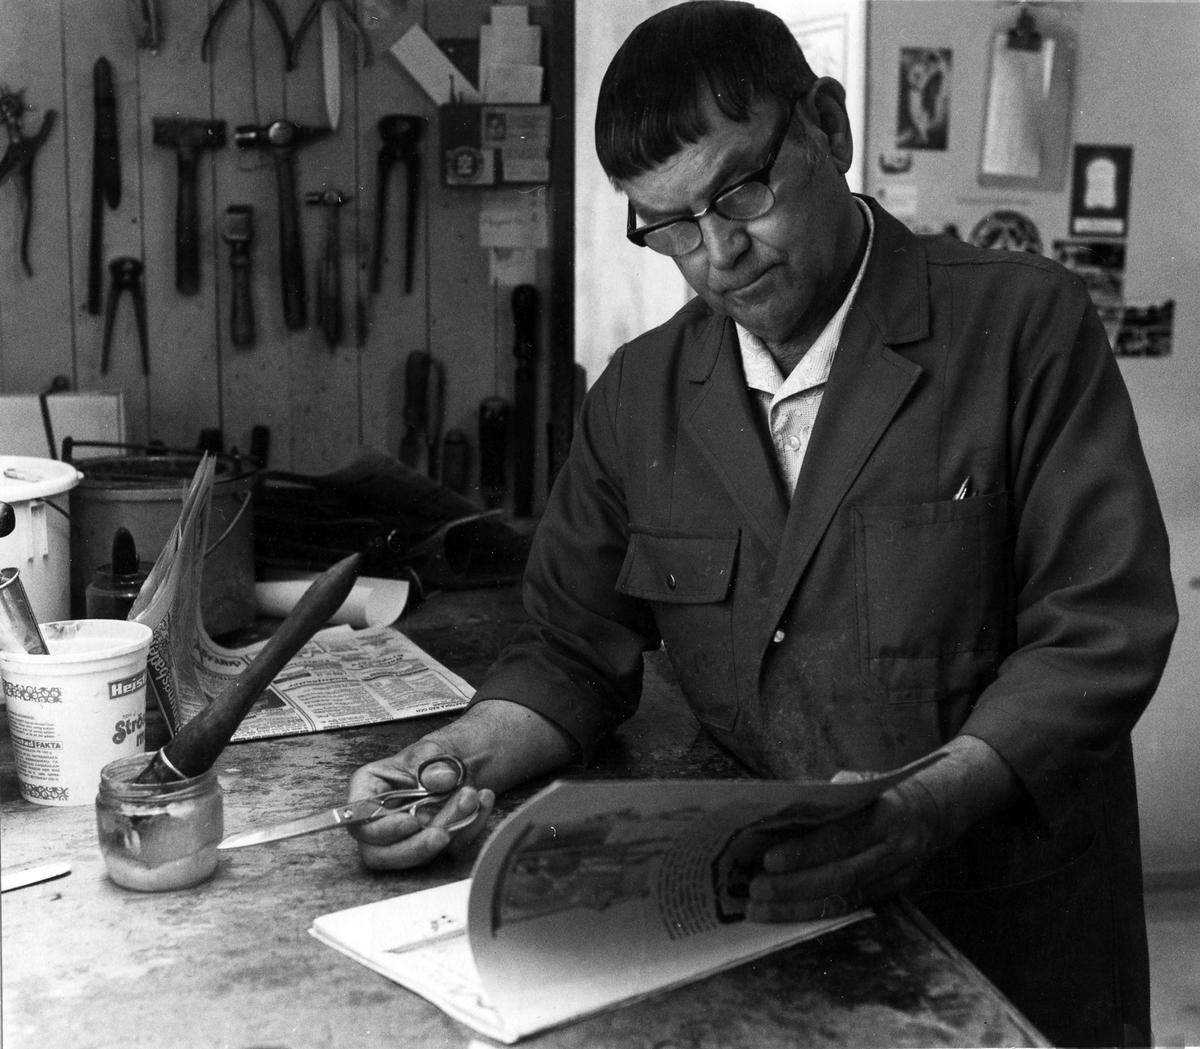 En man i glasögon och arbetsrock, står i en verkstad och blädrar genom ett pappershäfte. I högra handen håller han en sax. Åke Georgson (f 1910) började som bokbindare i kvarteret Gustaf 1 år 1932. Flyttade då fastigheten revs 1967 till en lokal vid Torggatan 7. Verksamheten nedlades i september 1982.